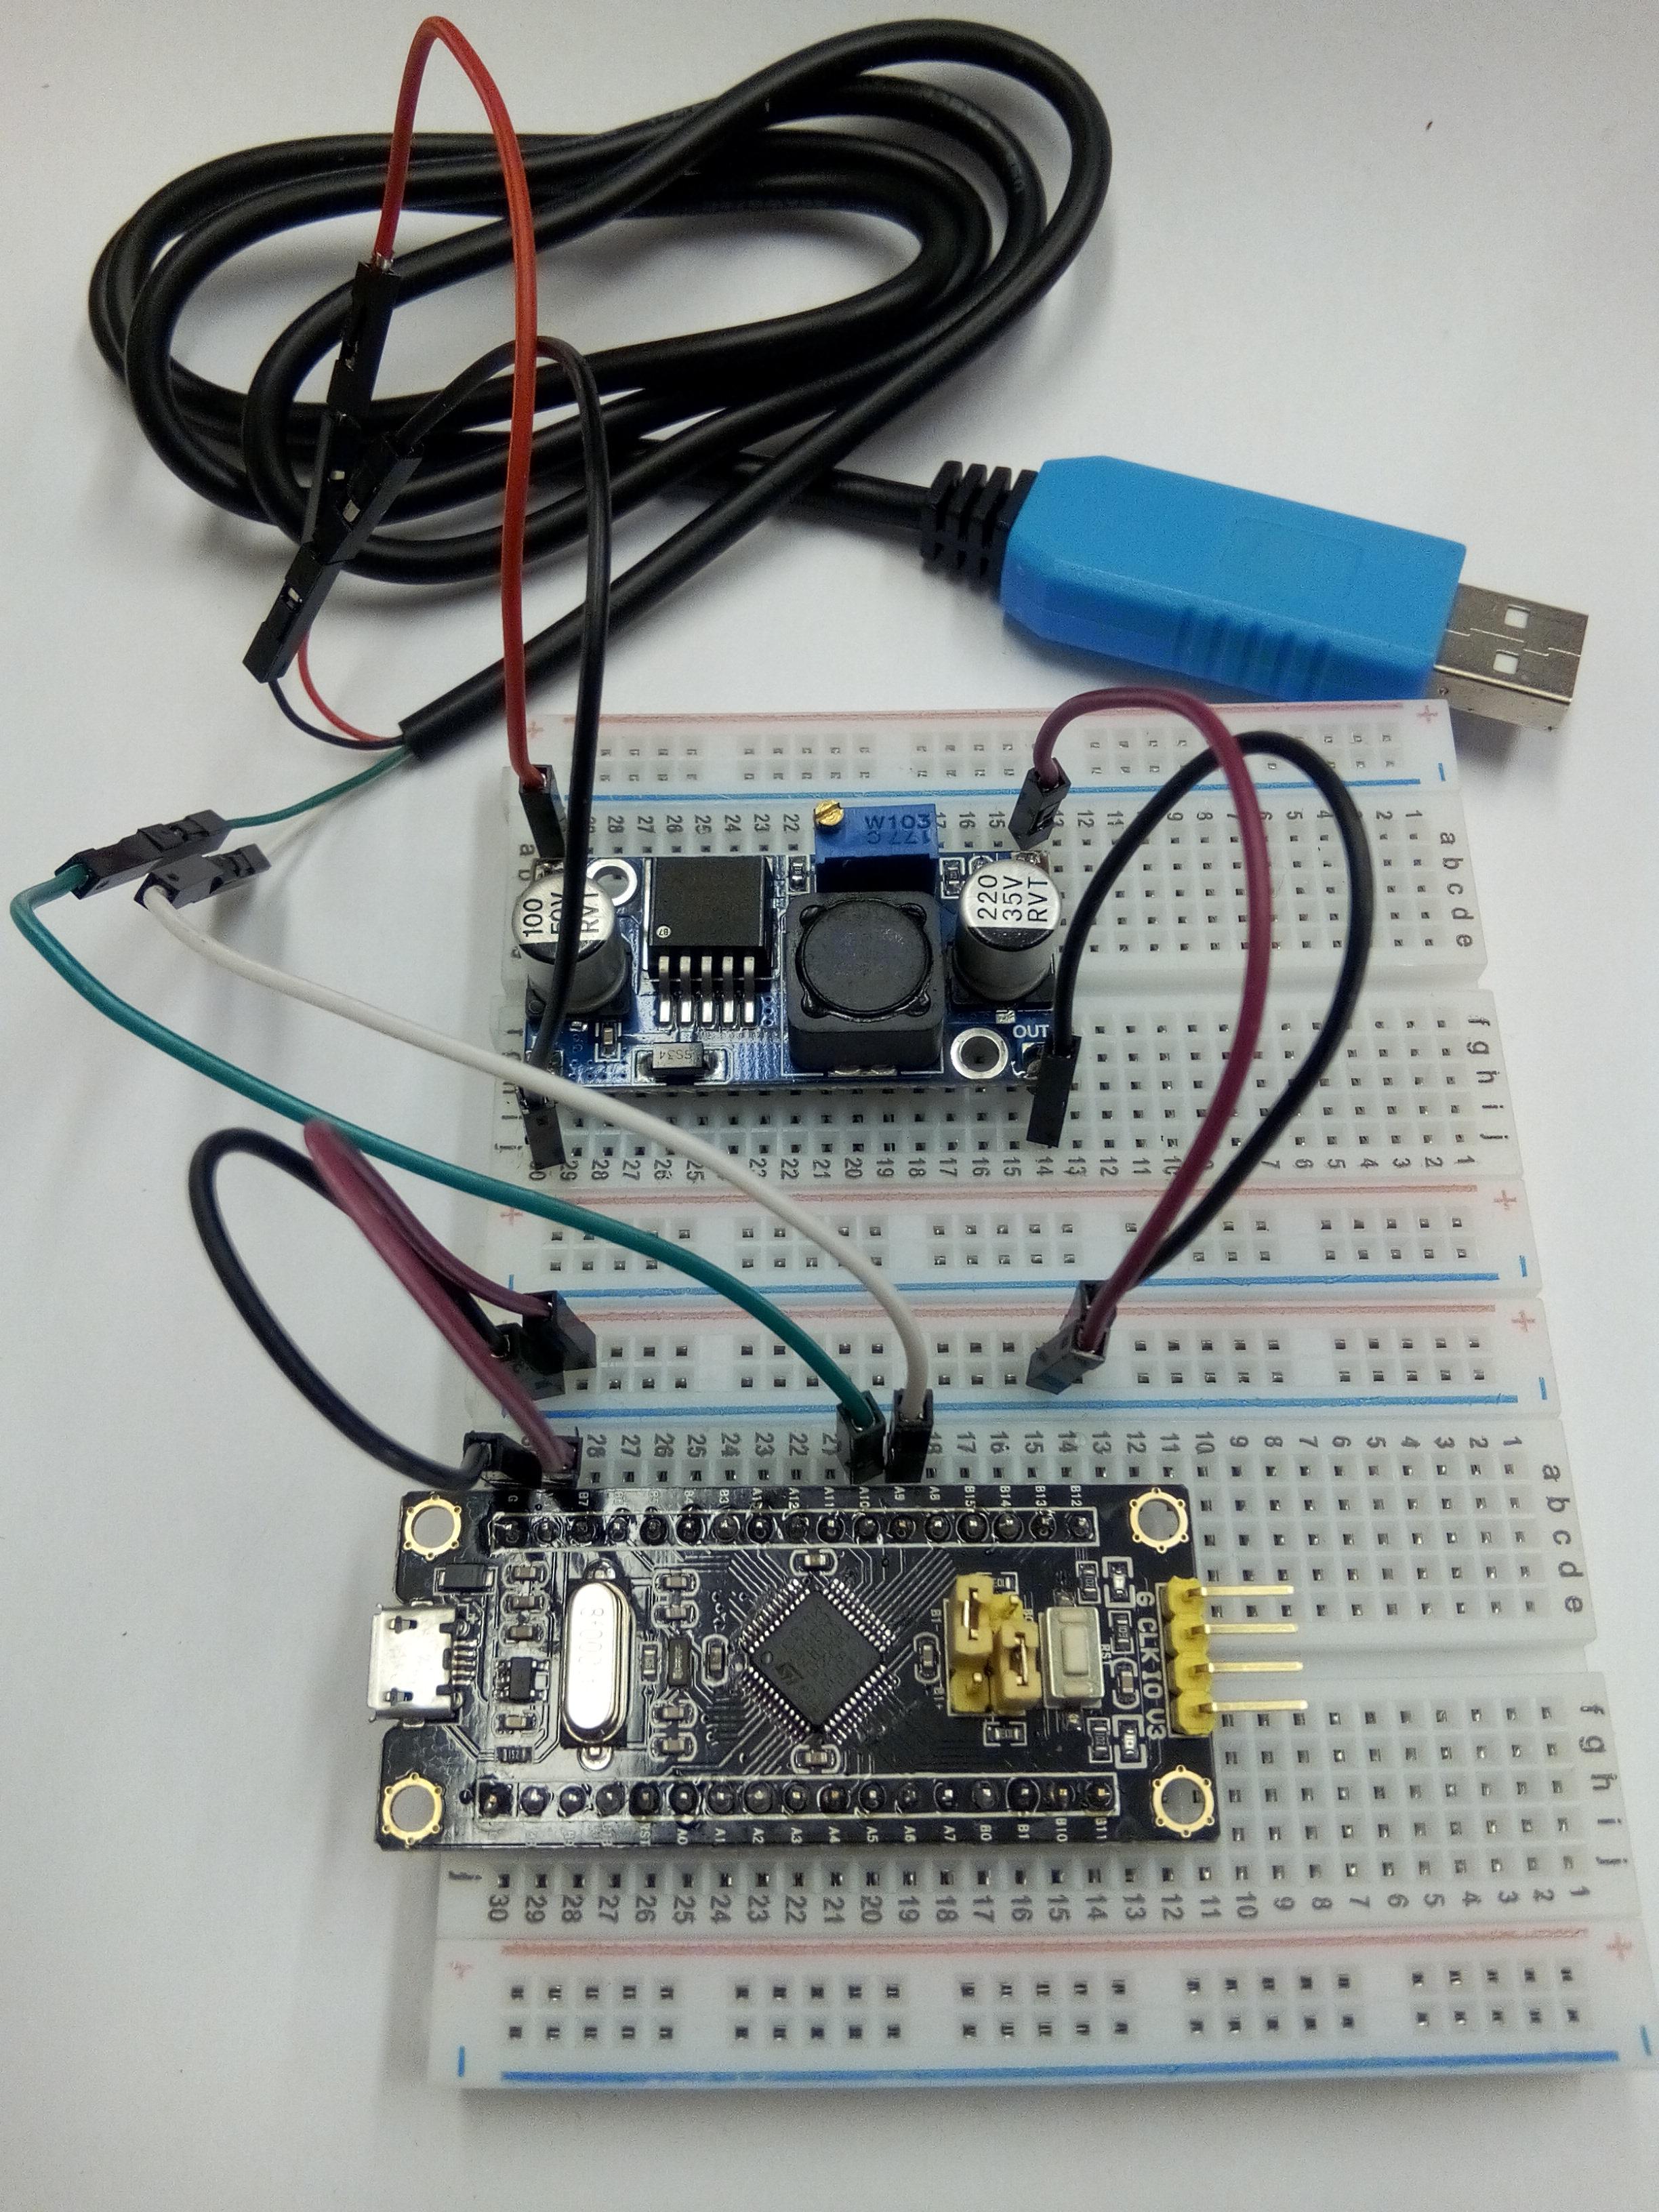 USB-Ser 5V mit Spanungsregler dazwischen zum brennen des Chips